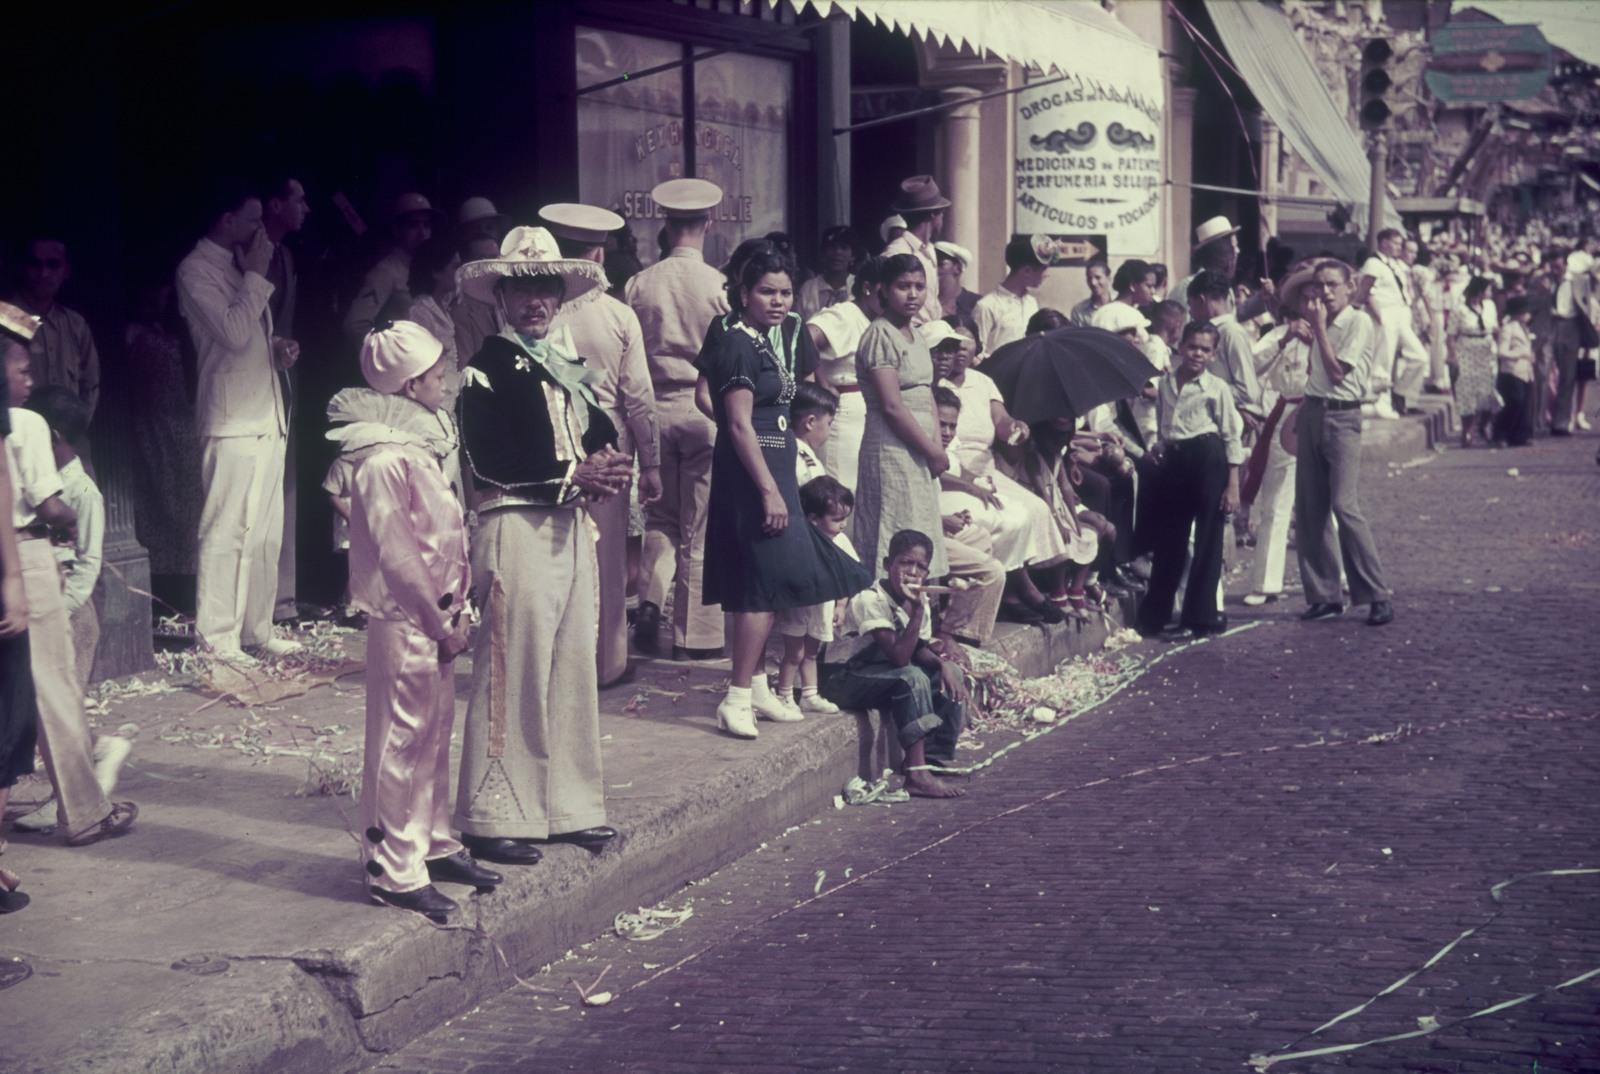 Панама. Проспект Бальбоа.  Зрители на обочине во время парада